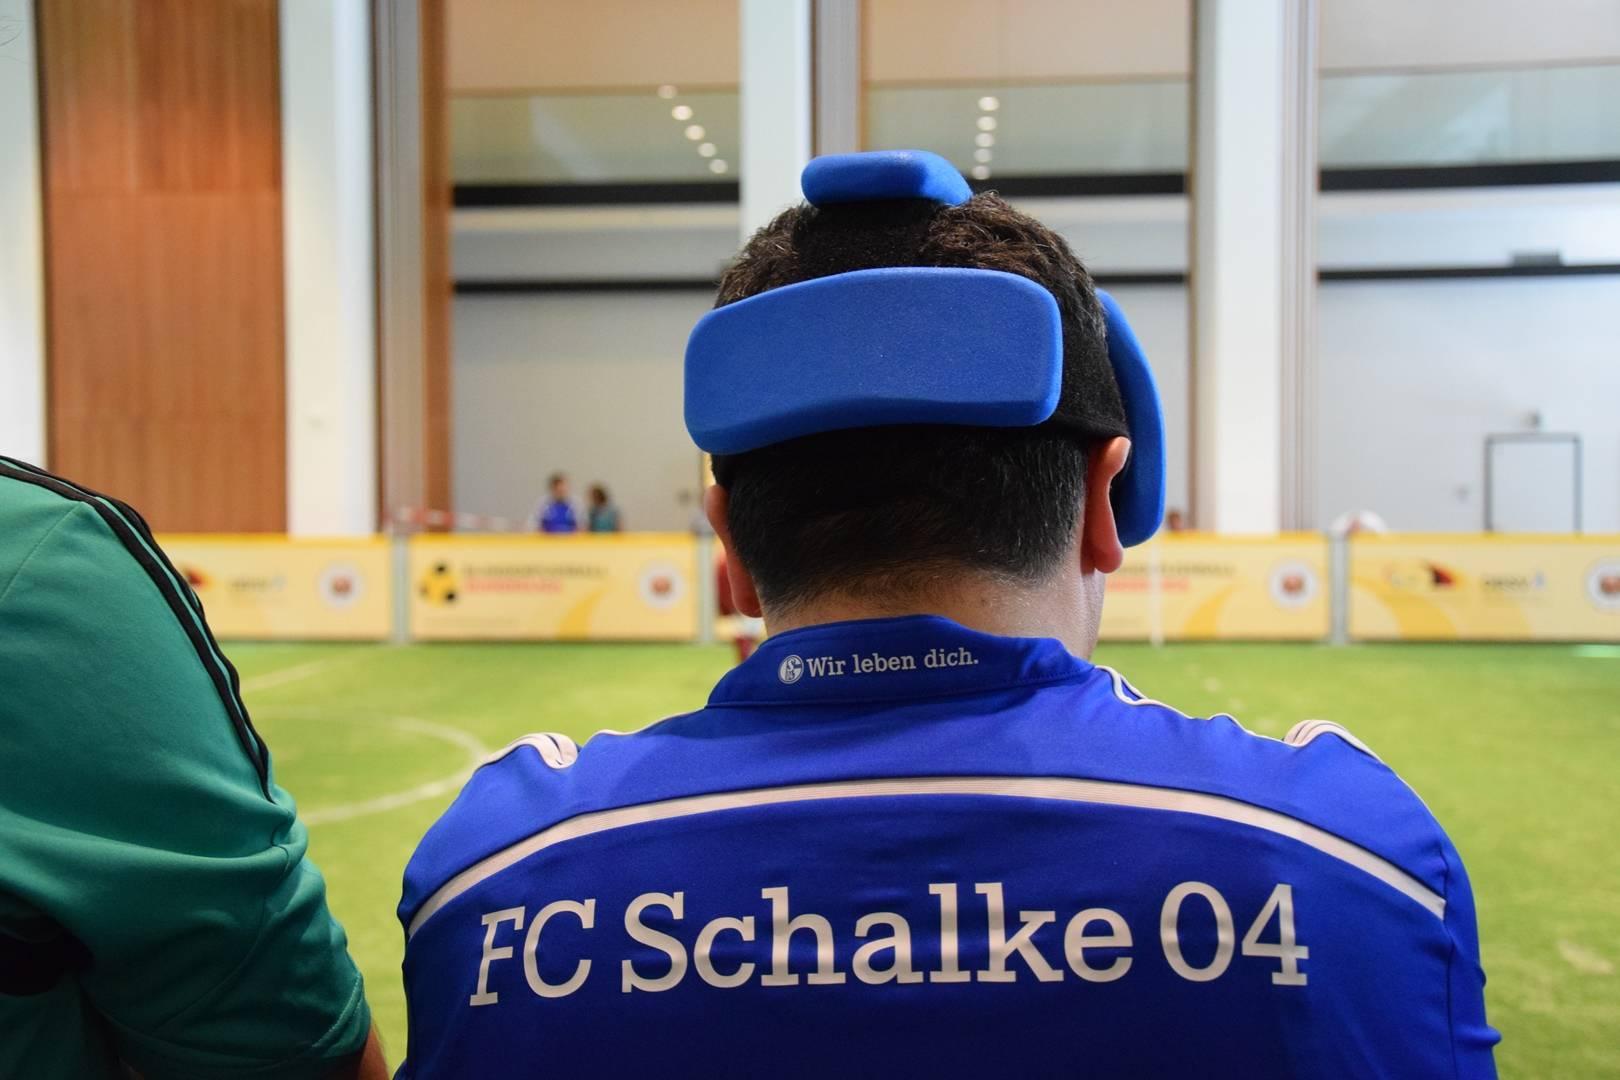 Trikot FC Schalke 04 Rücken